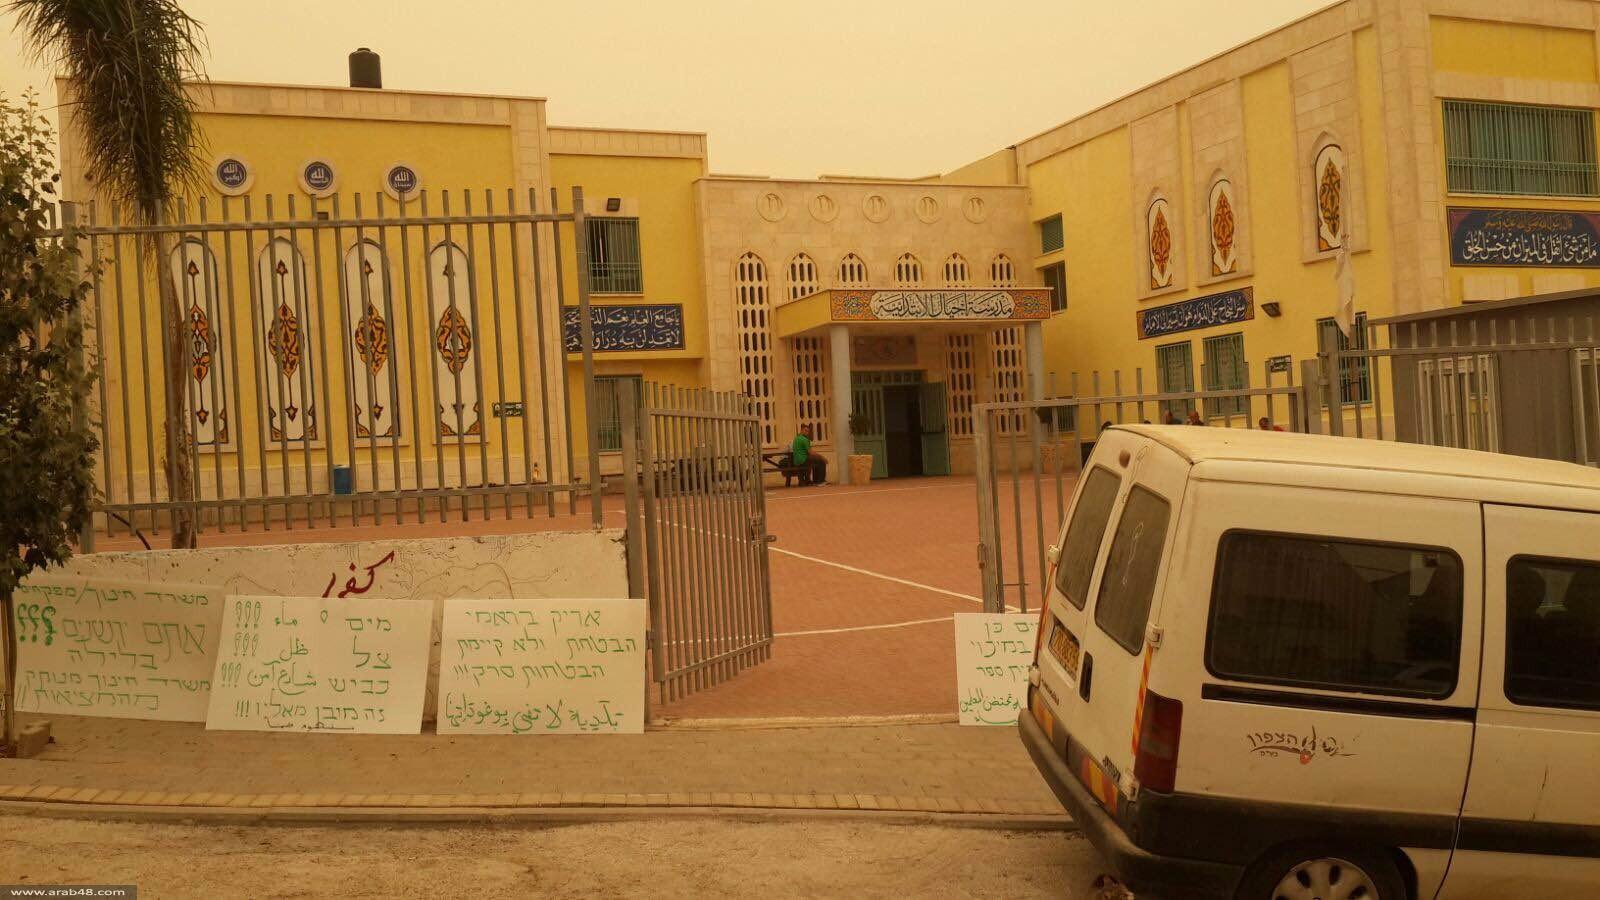 الطيبة: إعلان الإضراب المفتوح في ابتدائية أجيال